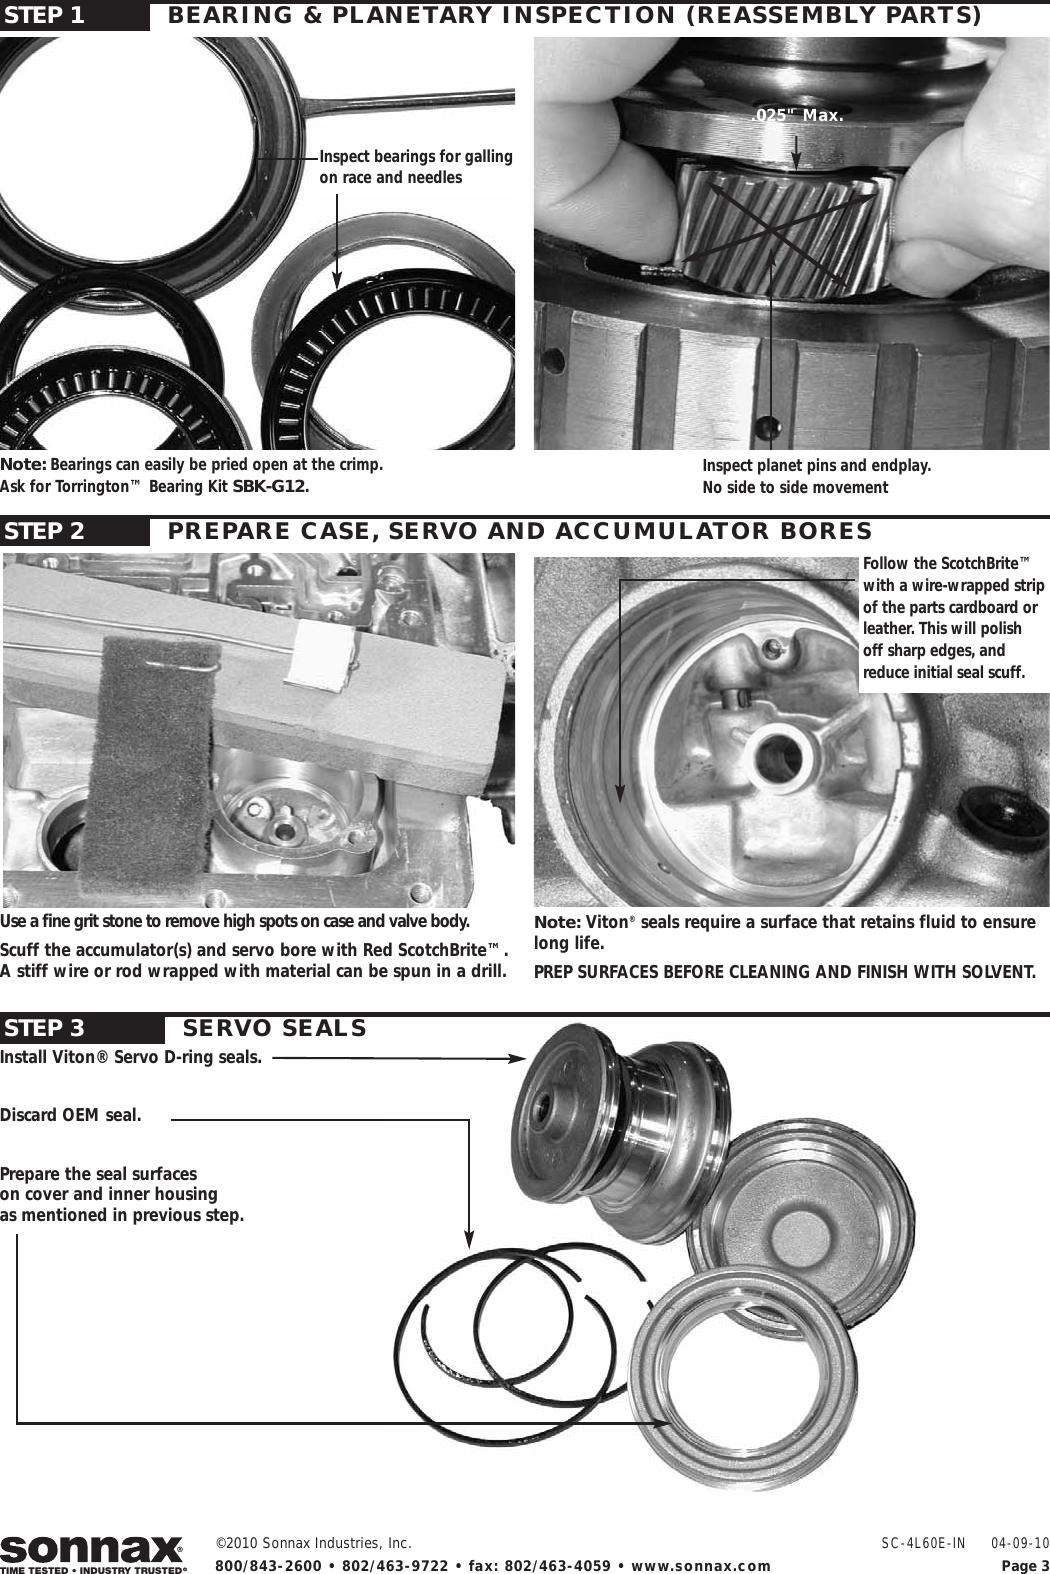 Basement 4l60e Buildup Photos Page 3 Manual Guide